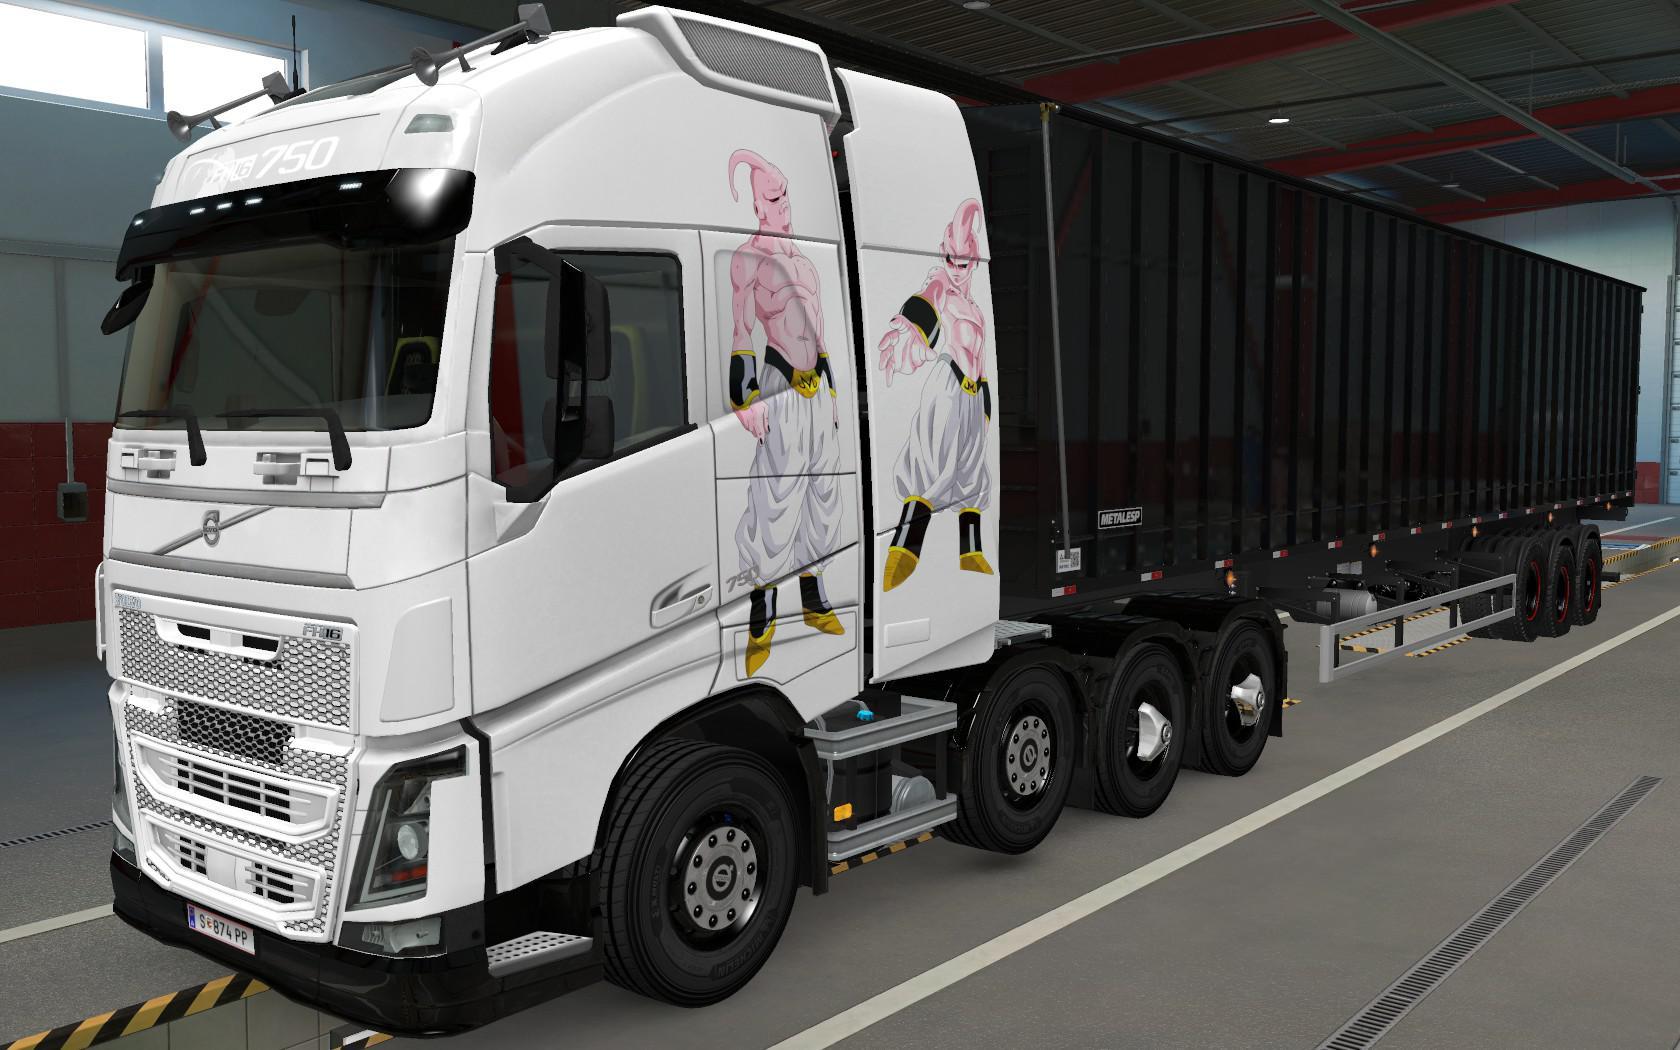 ETS2 - Volvo FH16 2012 8x4 Majin Boo Skin (1.39.x)